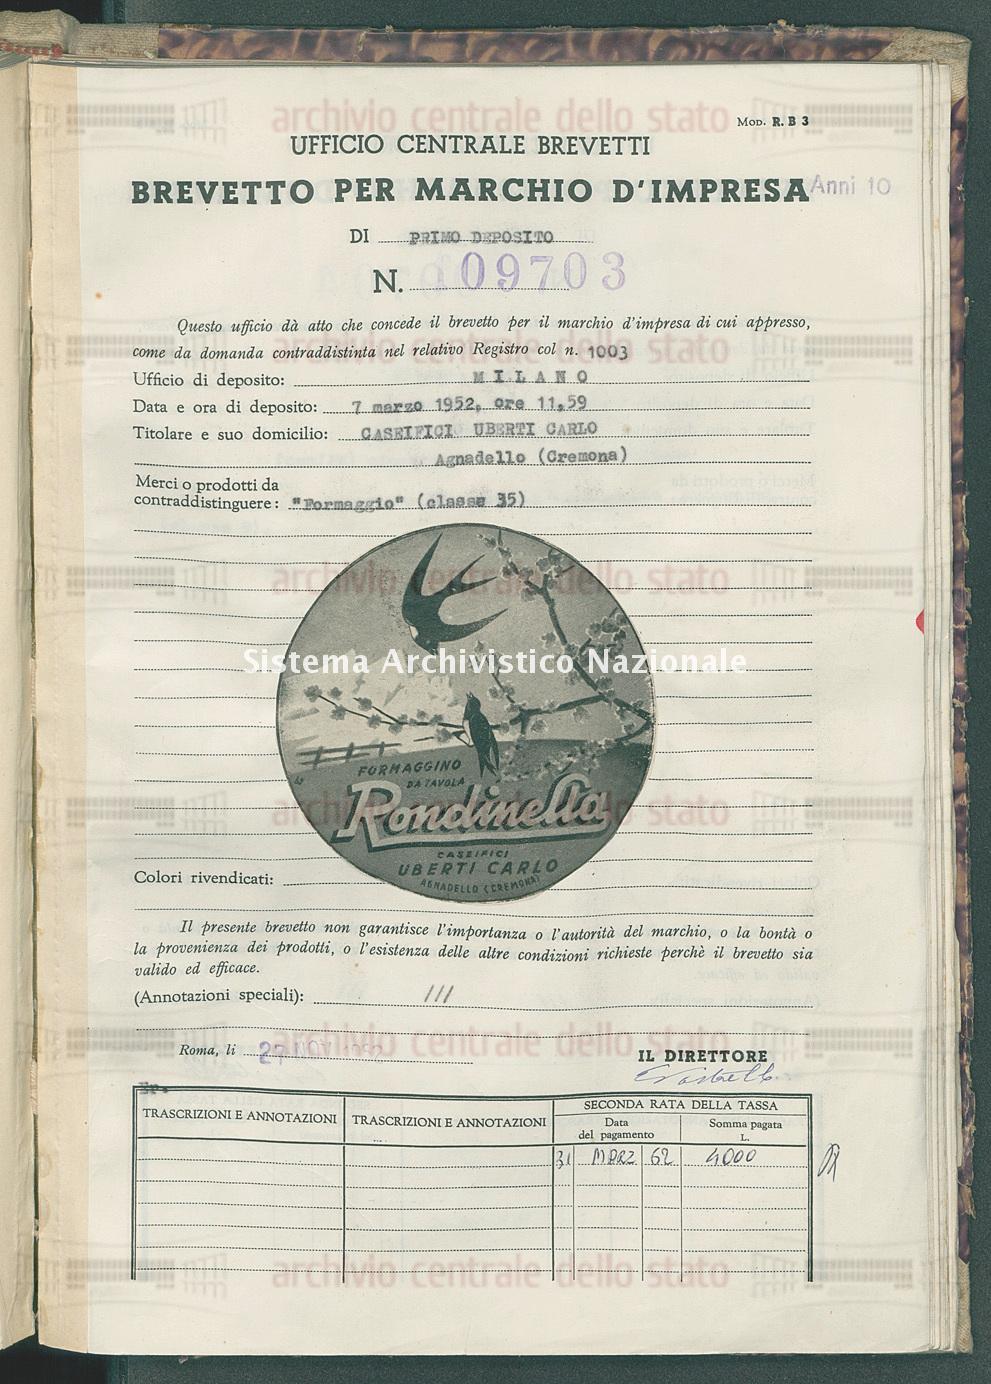 'Formaggio' Caseifici Uberti Carlo (27/11/1952)